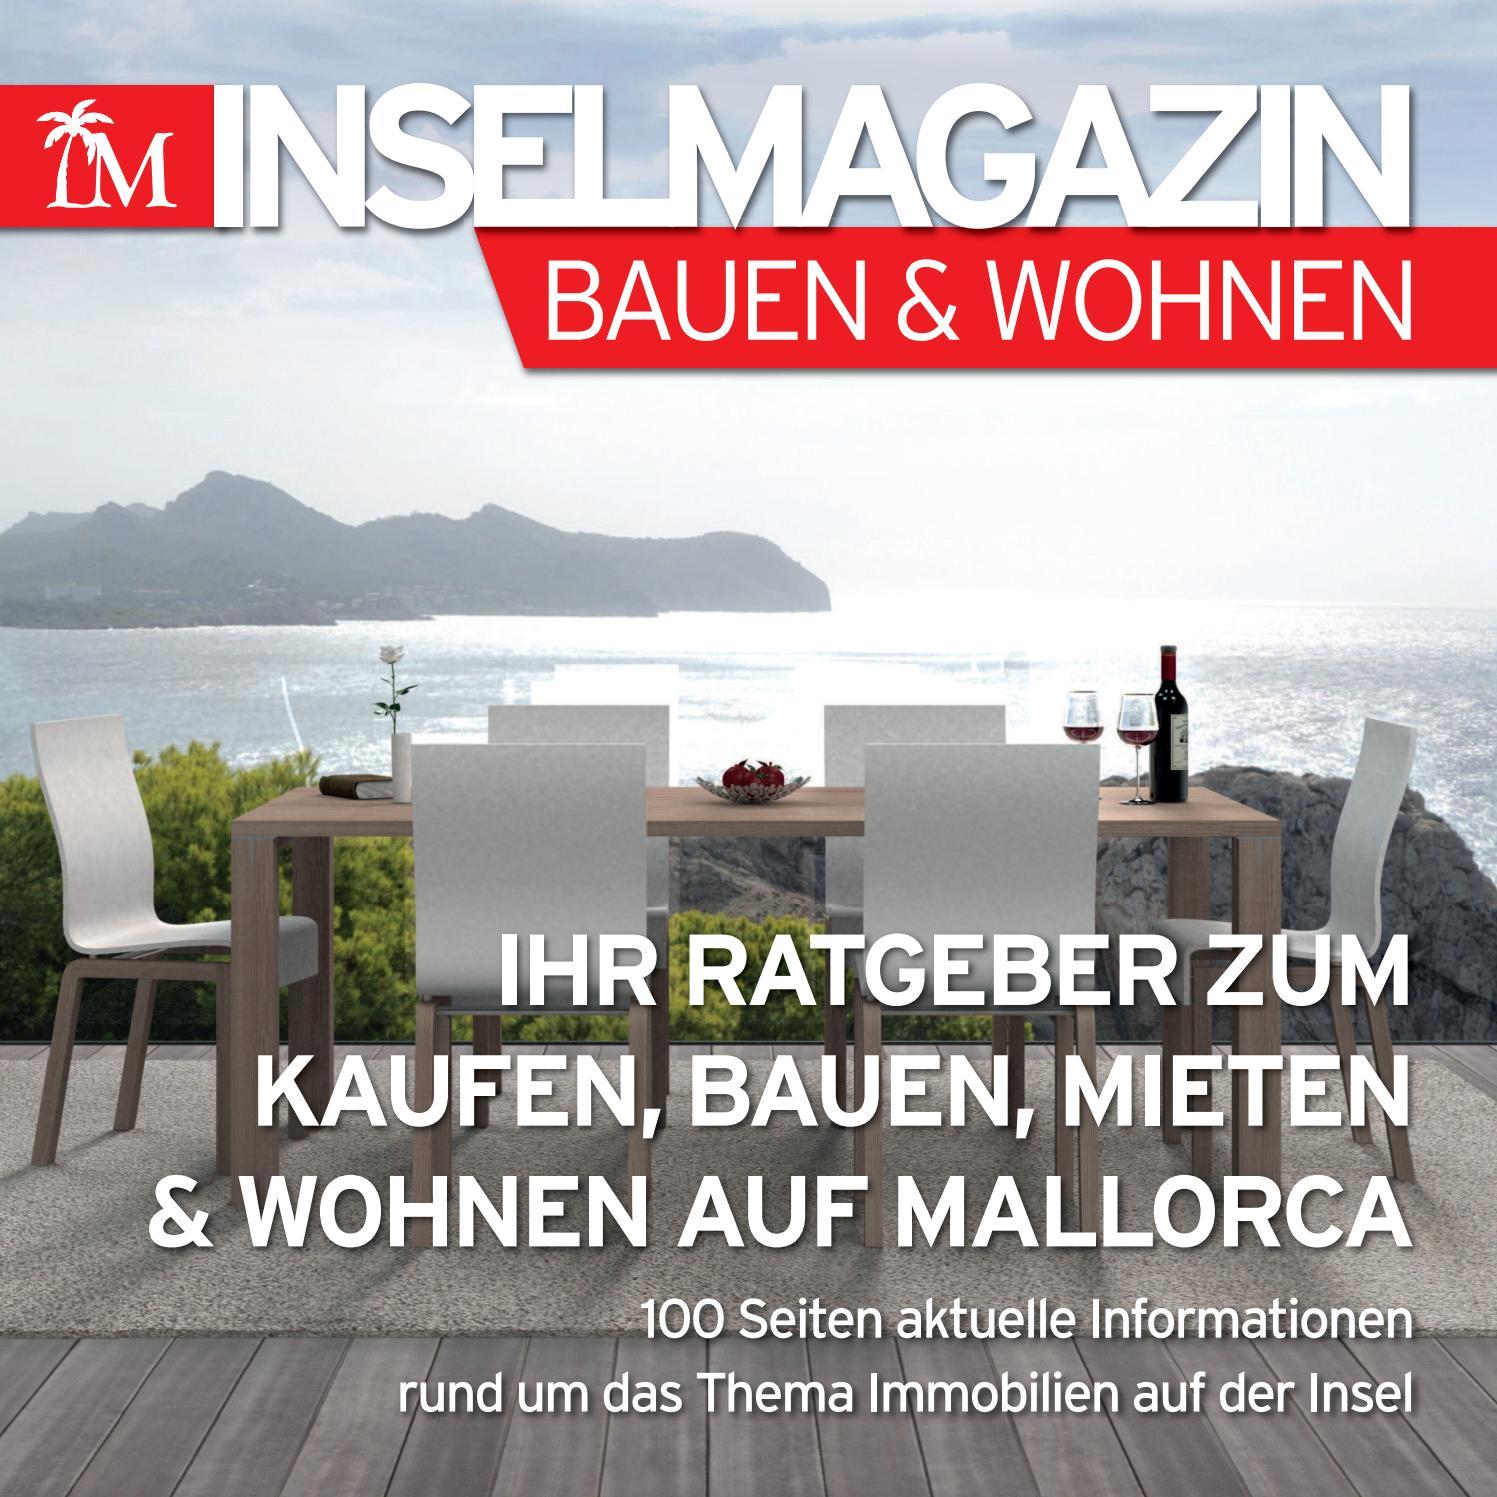 das inselmagazin bauen wohnen by die inselzeitung mallorca. Black Bedroom Furniture Sets. Home Design Ideas